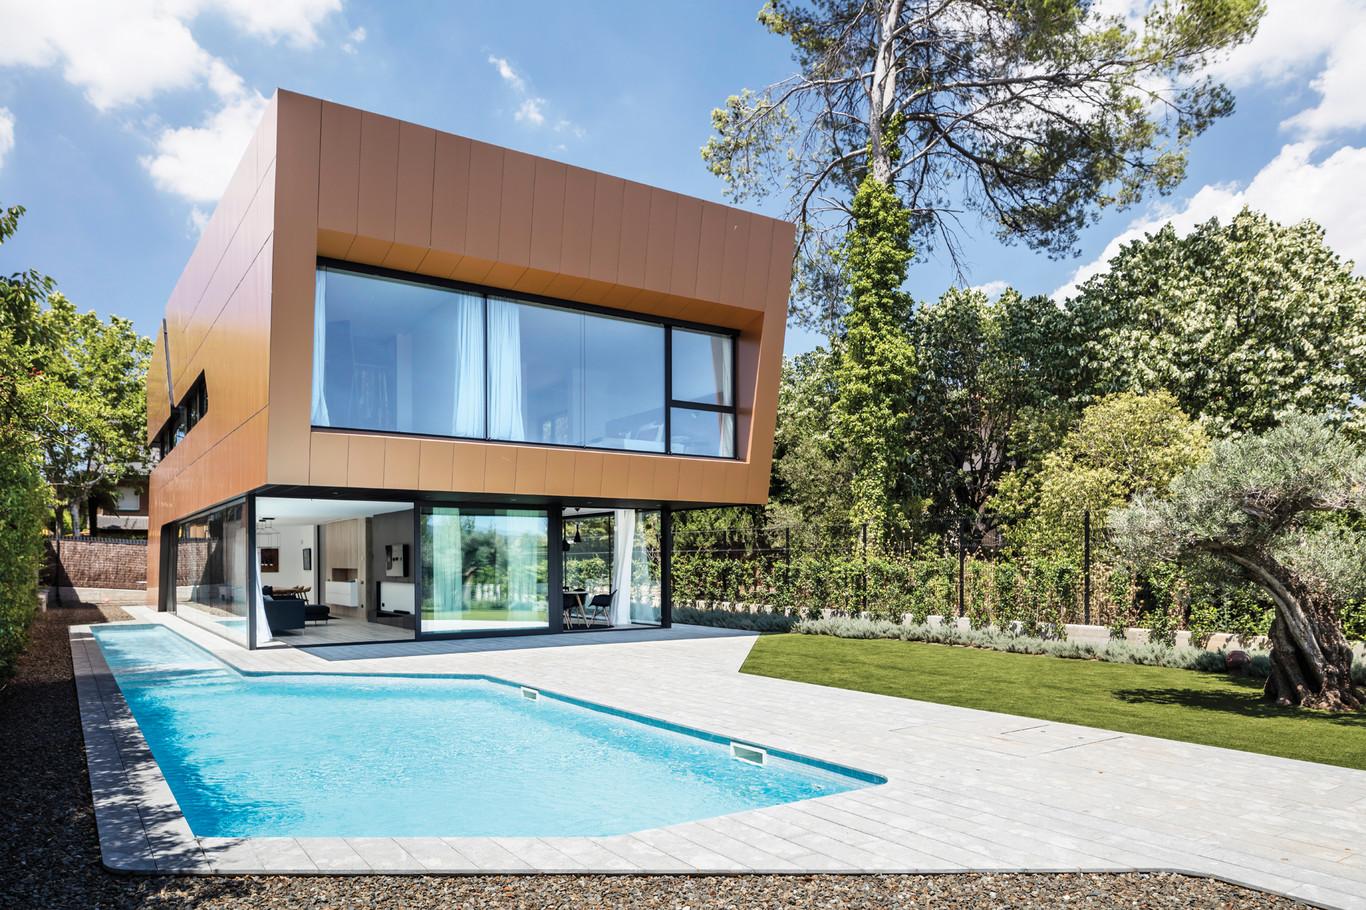 Casa sostenible de dise o arquima arquitectura y - Casas de diseno ...